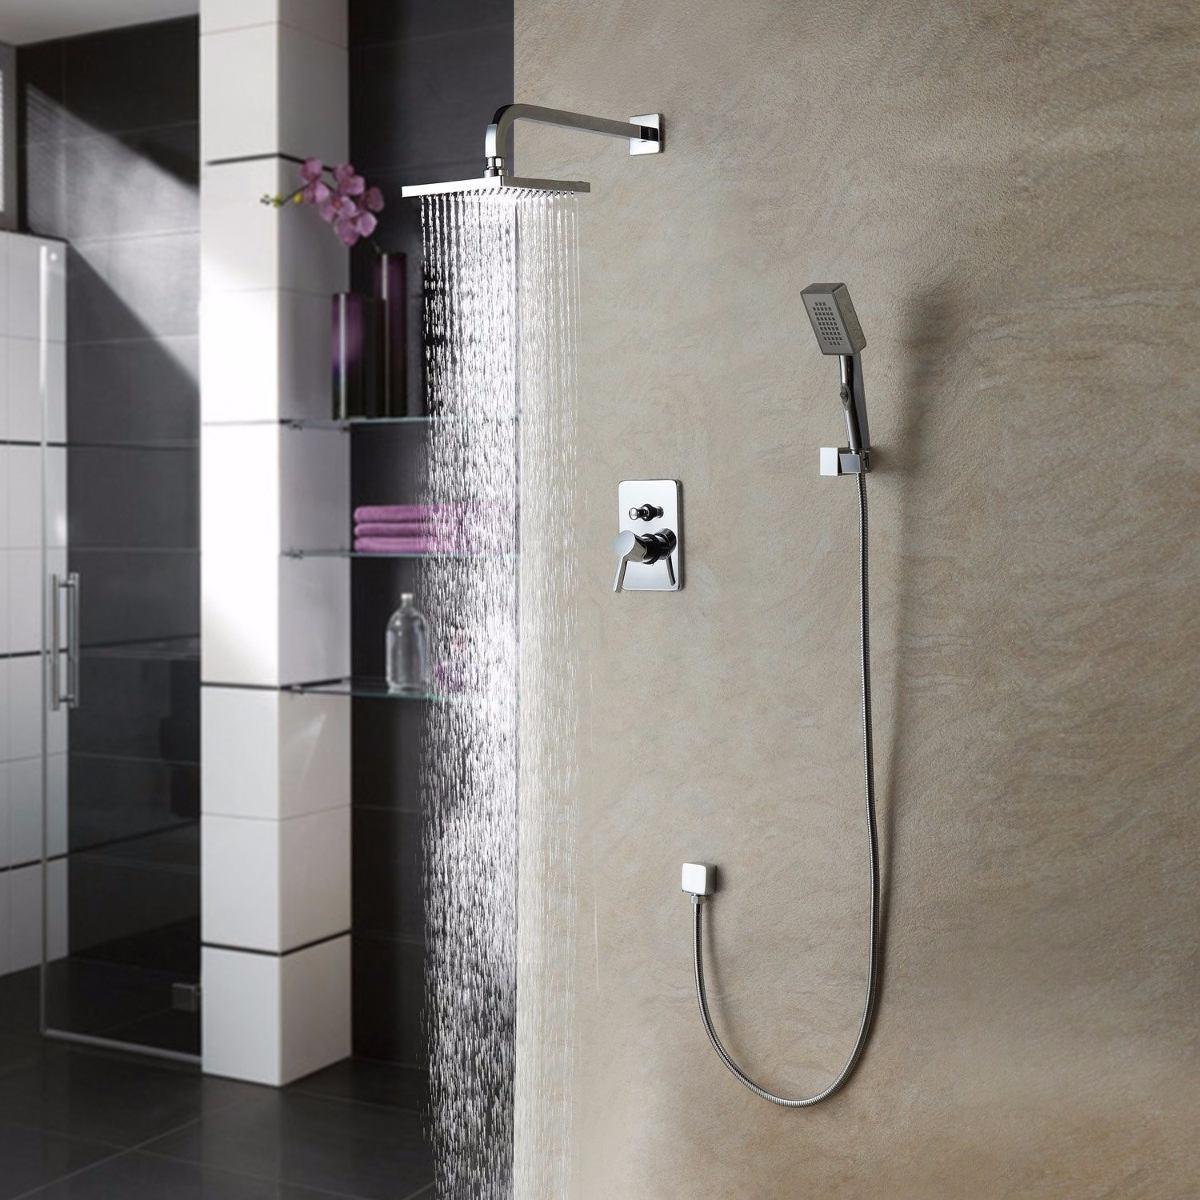 Llave ouku ba o ducha regadera fija y de telefono for Articulos de ducha